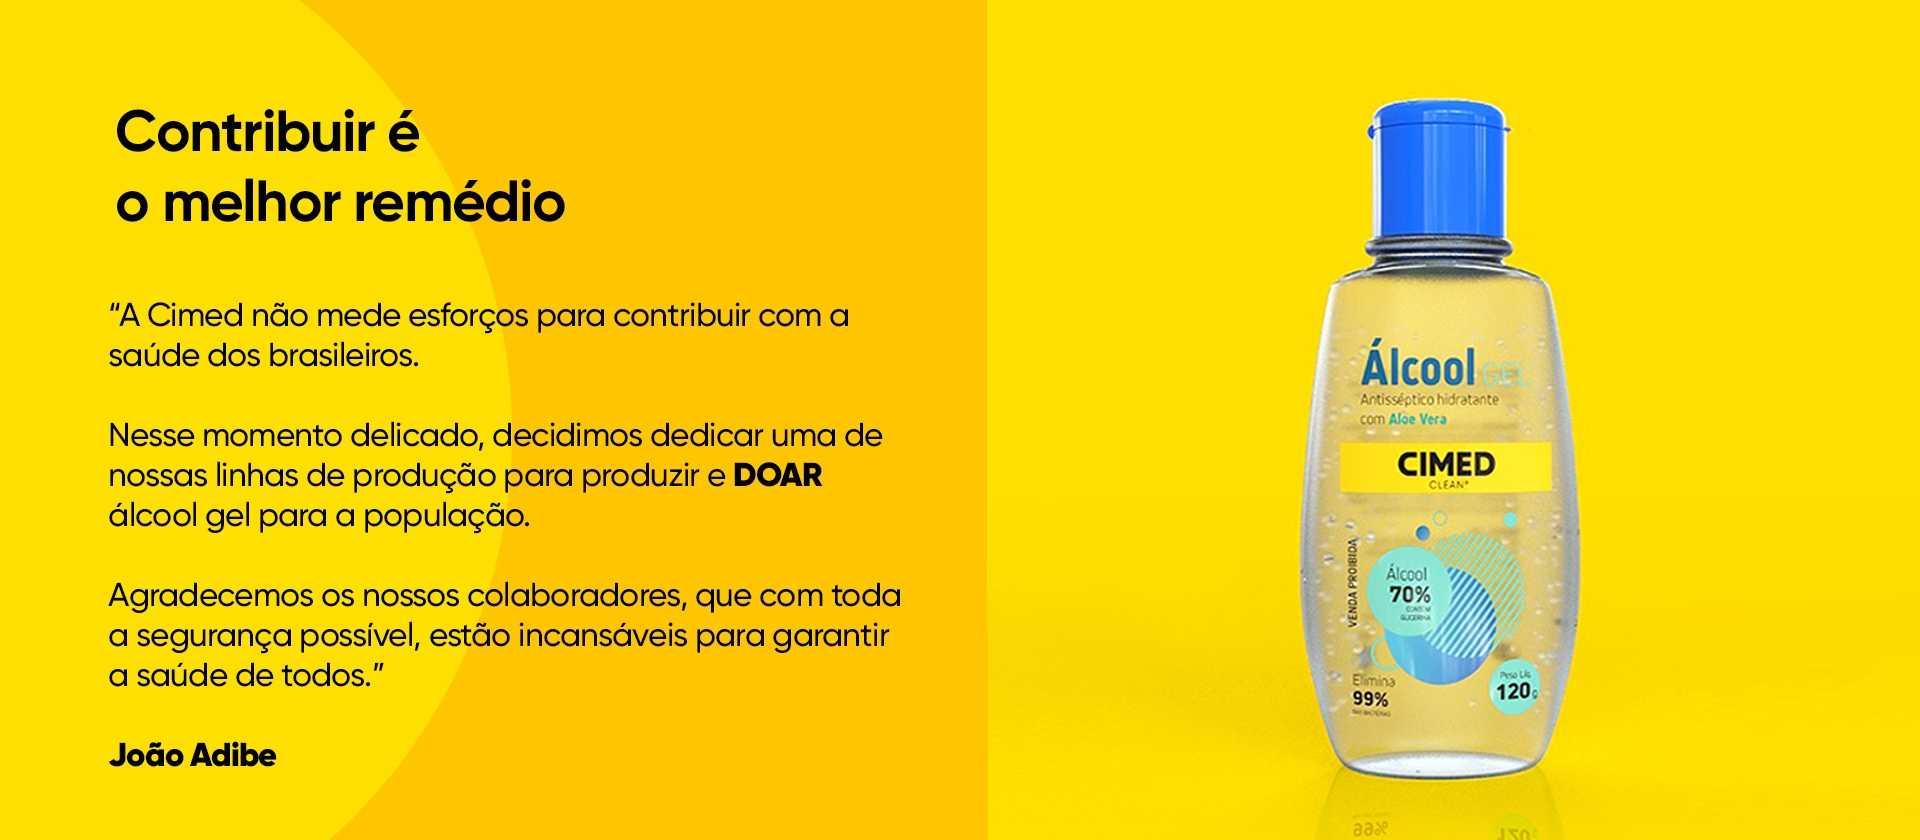 Imagem de destaque sobre a ajuda da Cimed em relação à doação de álcool gel para a população